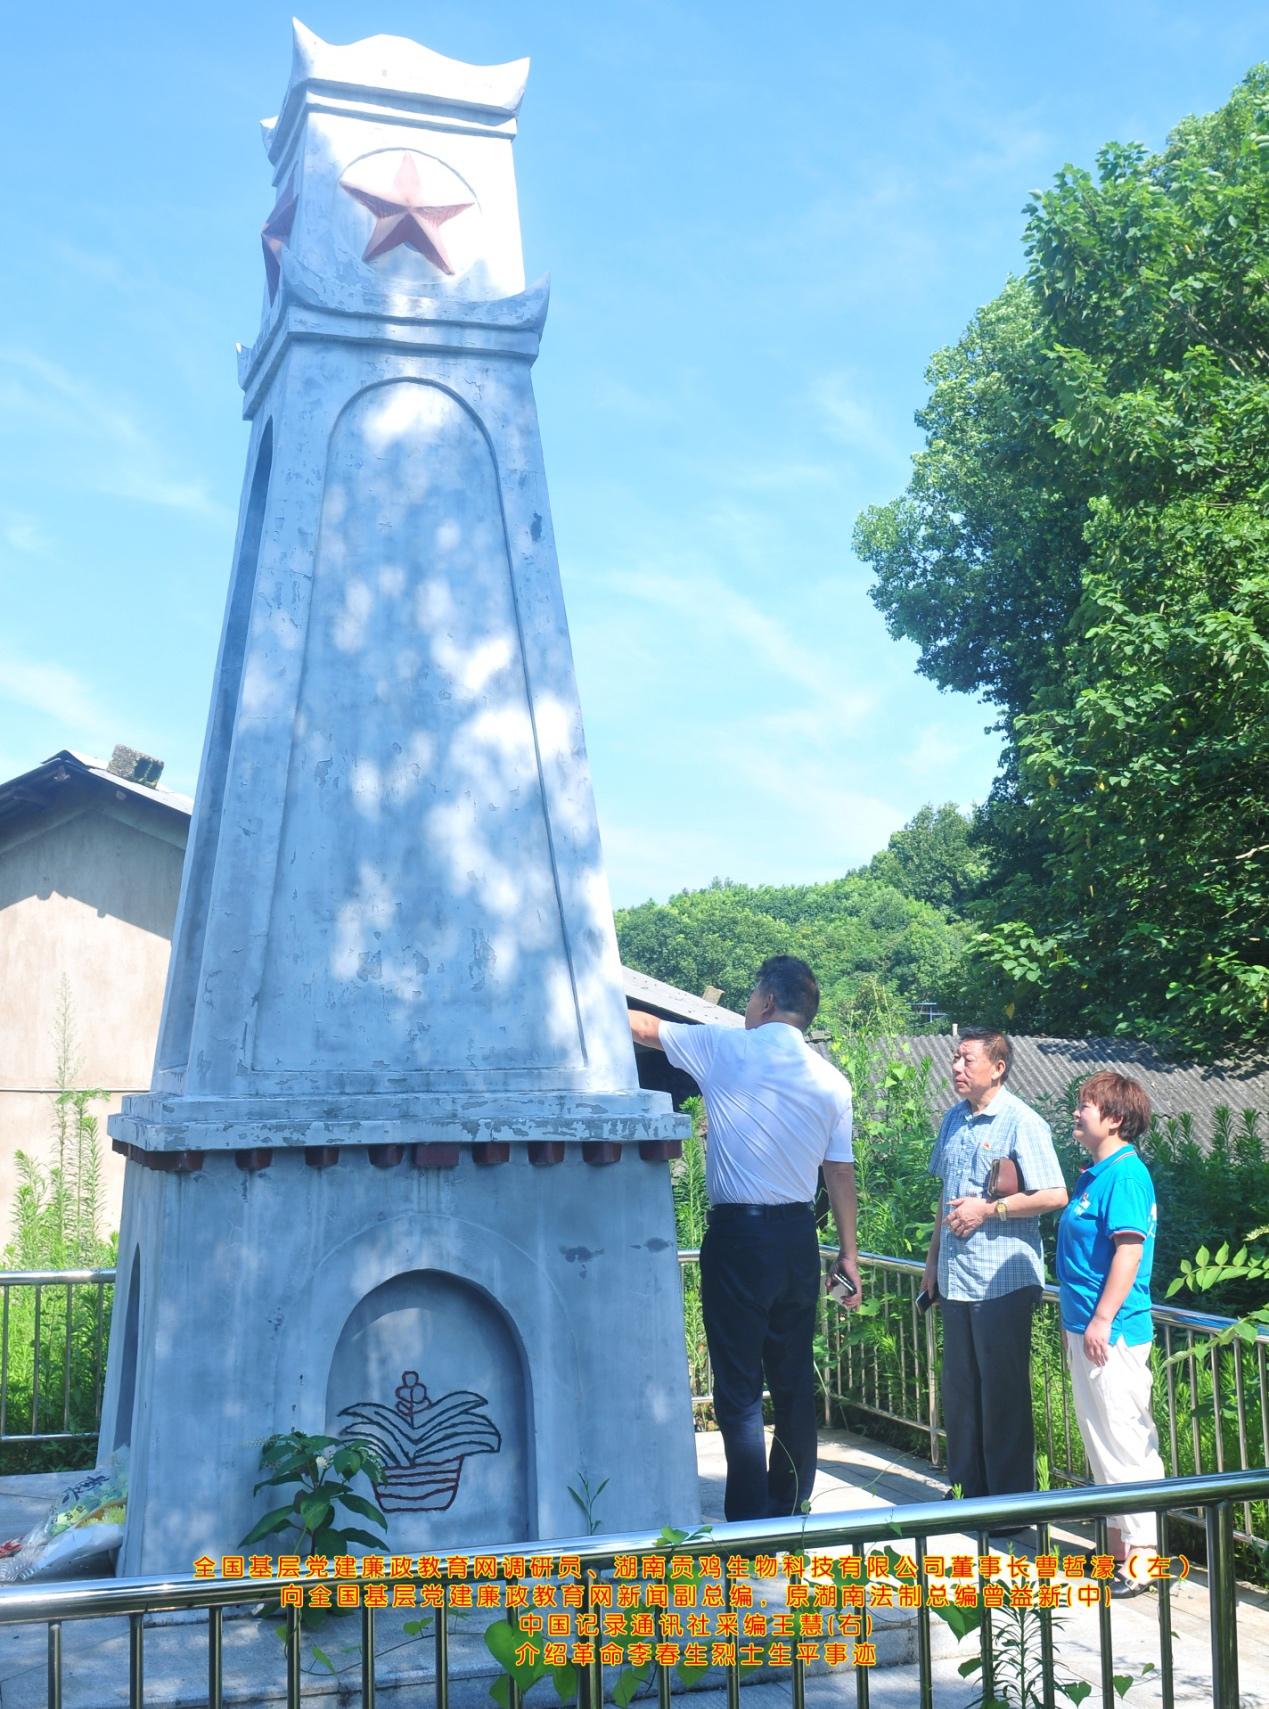 响应党的号召 回乡创业建设美好家园 –湖南贡鸡生物科技有限公司发展纪实